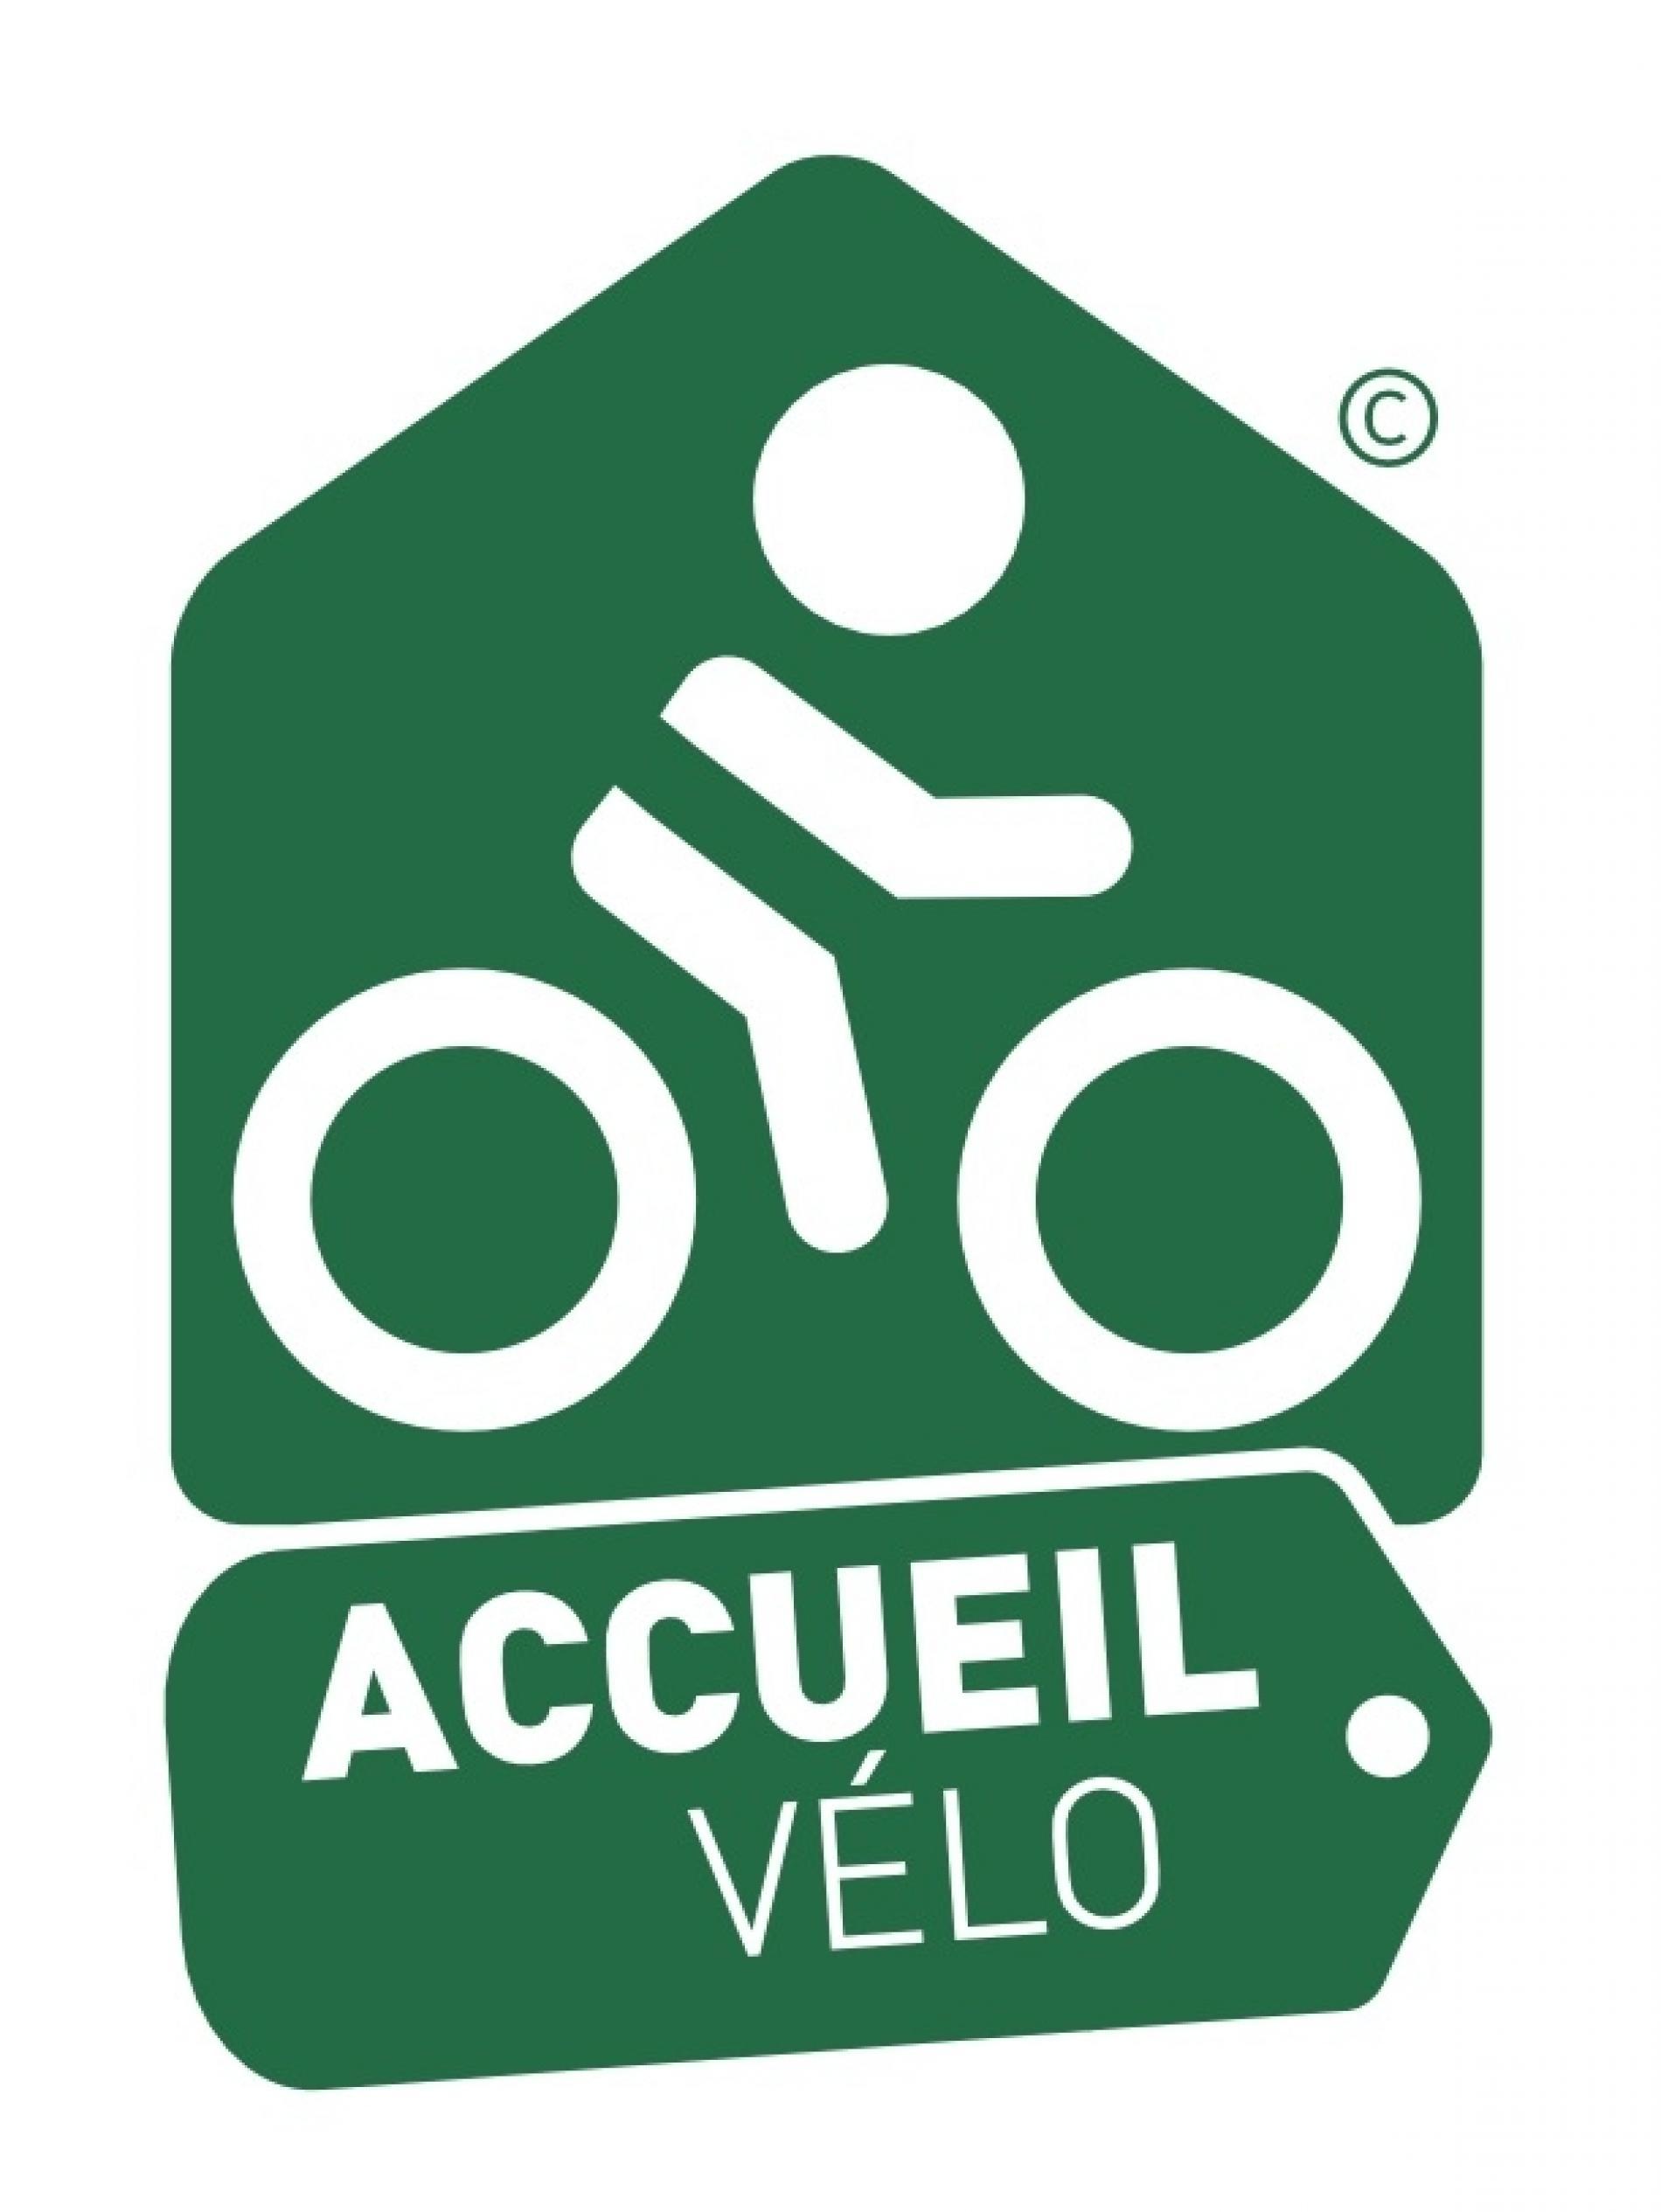 Hôtel labellisé Accueil Velo